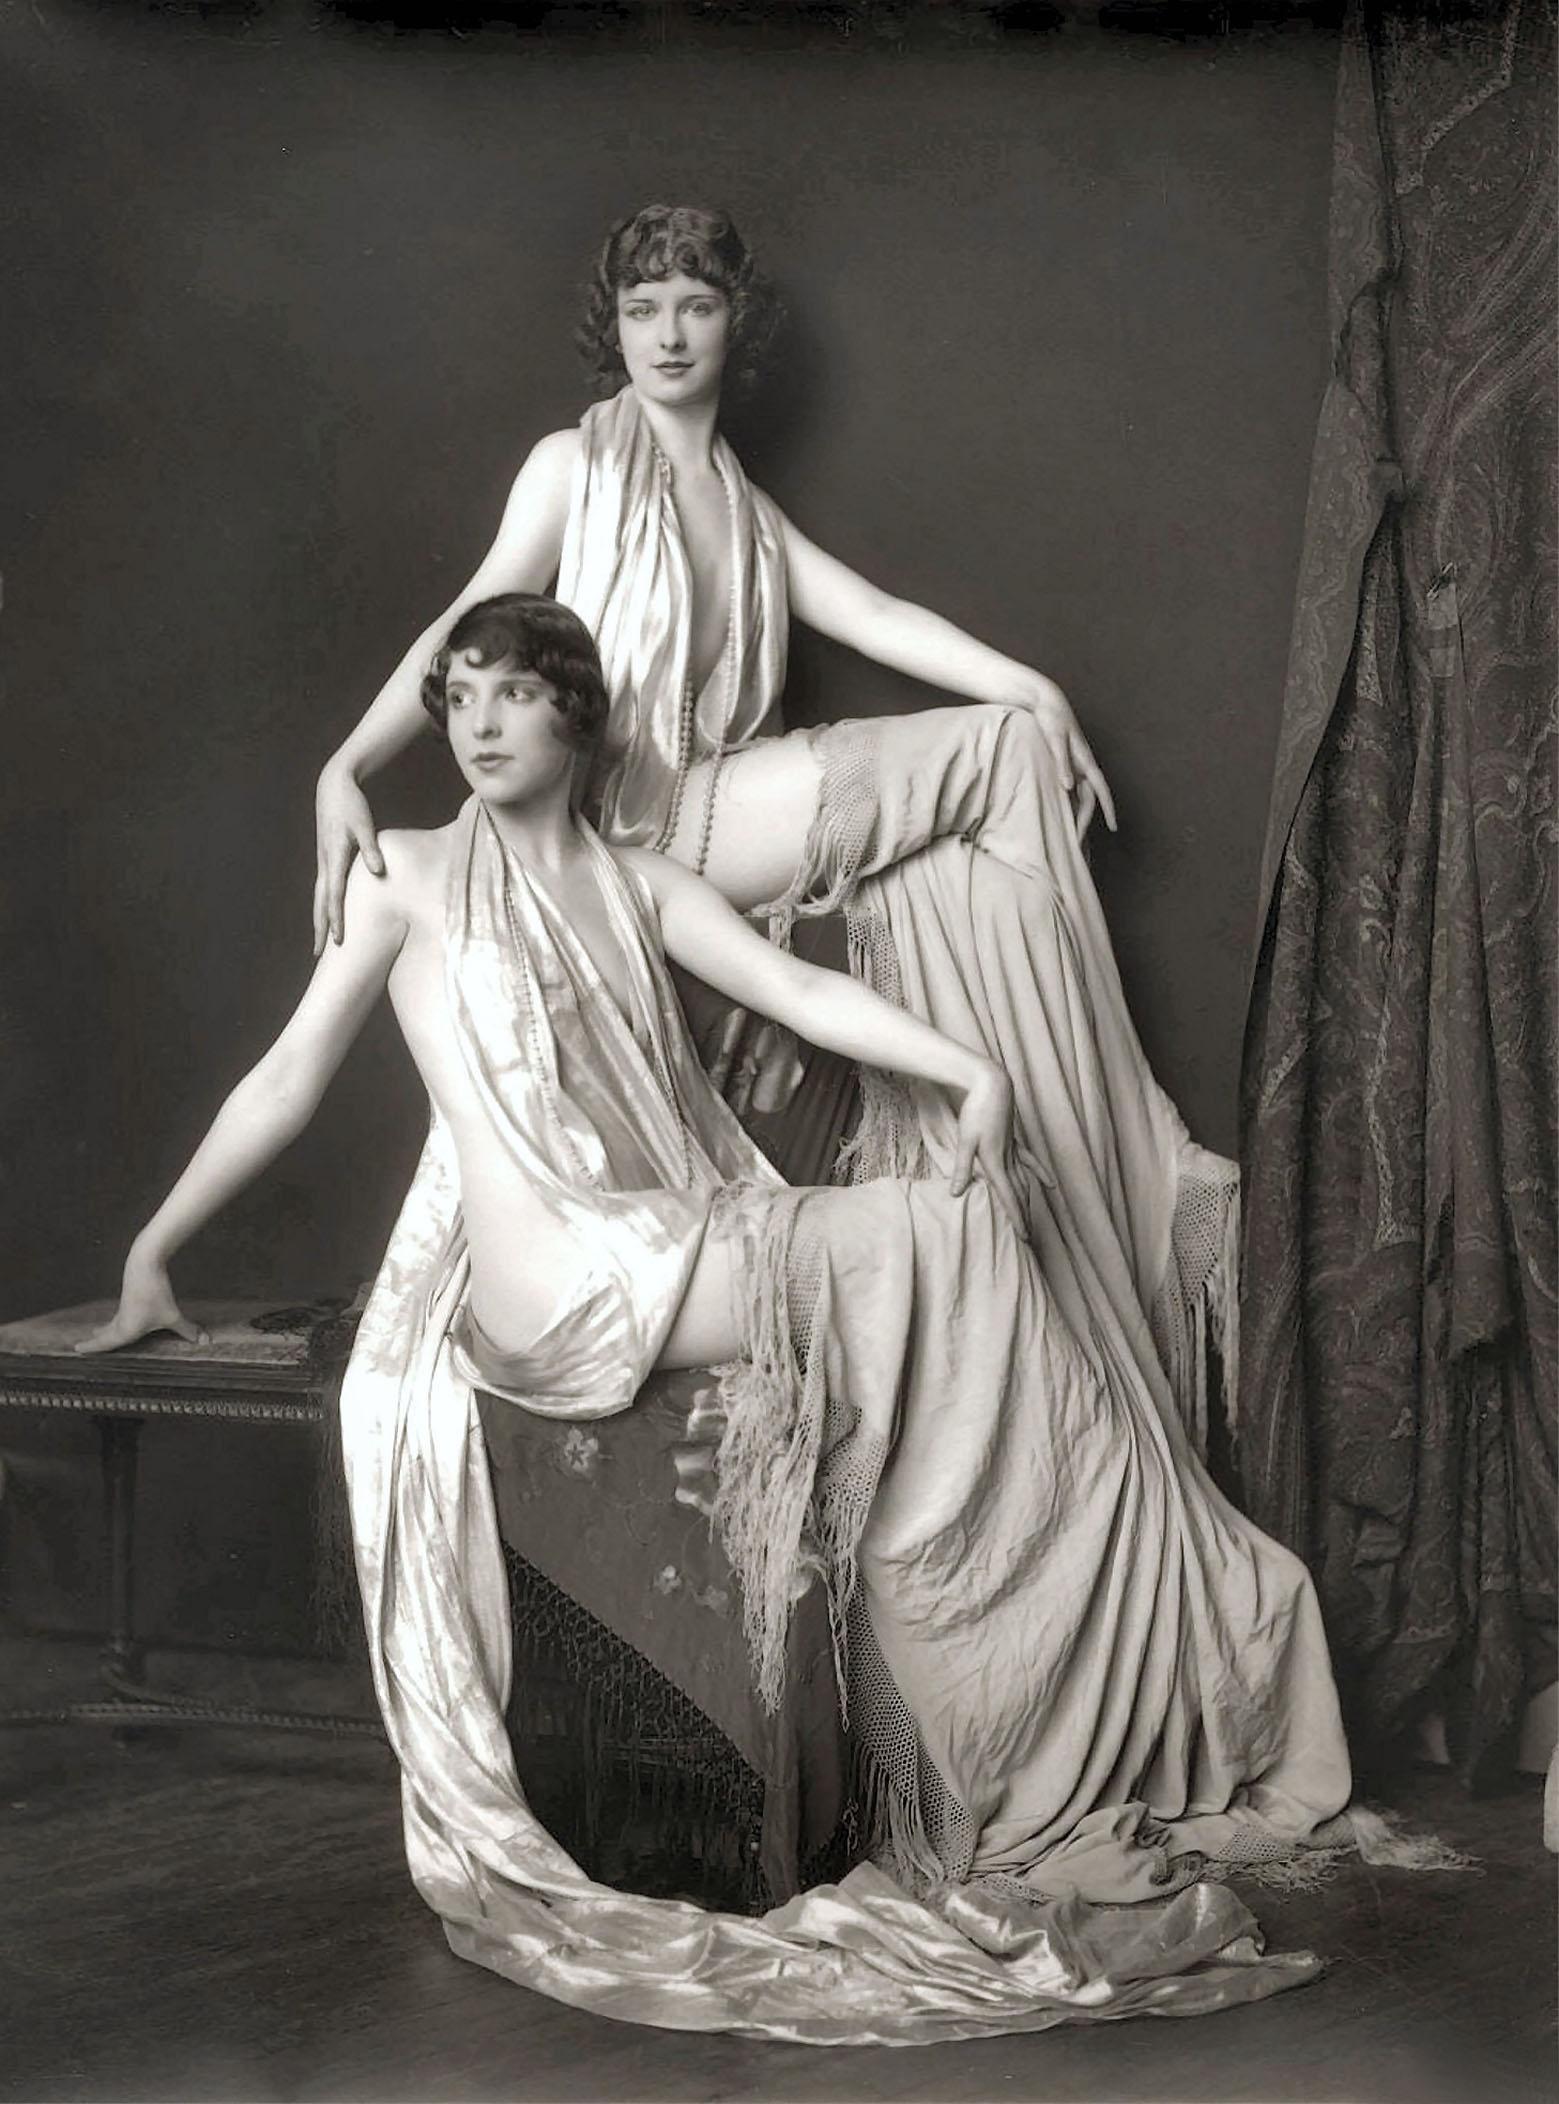 Эротика 19 го века как это делали тогда 11 фотография